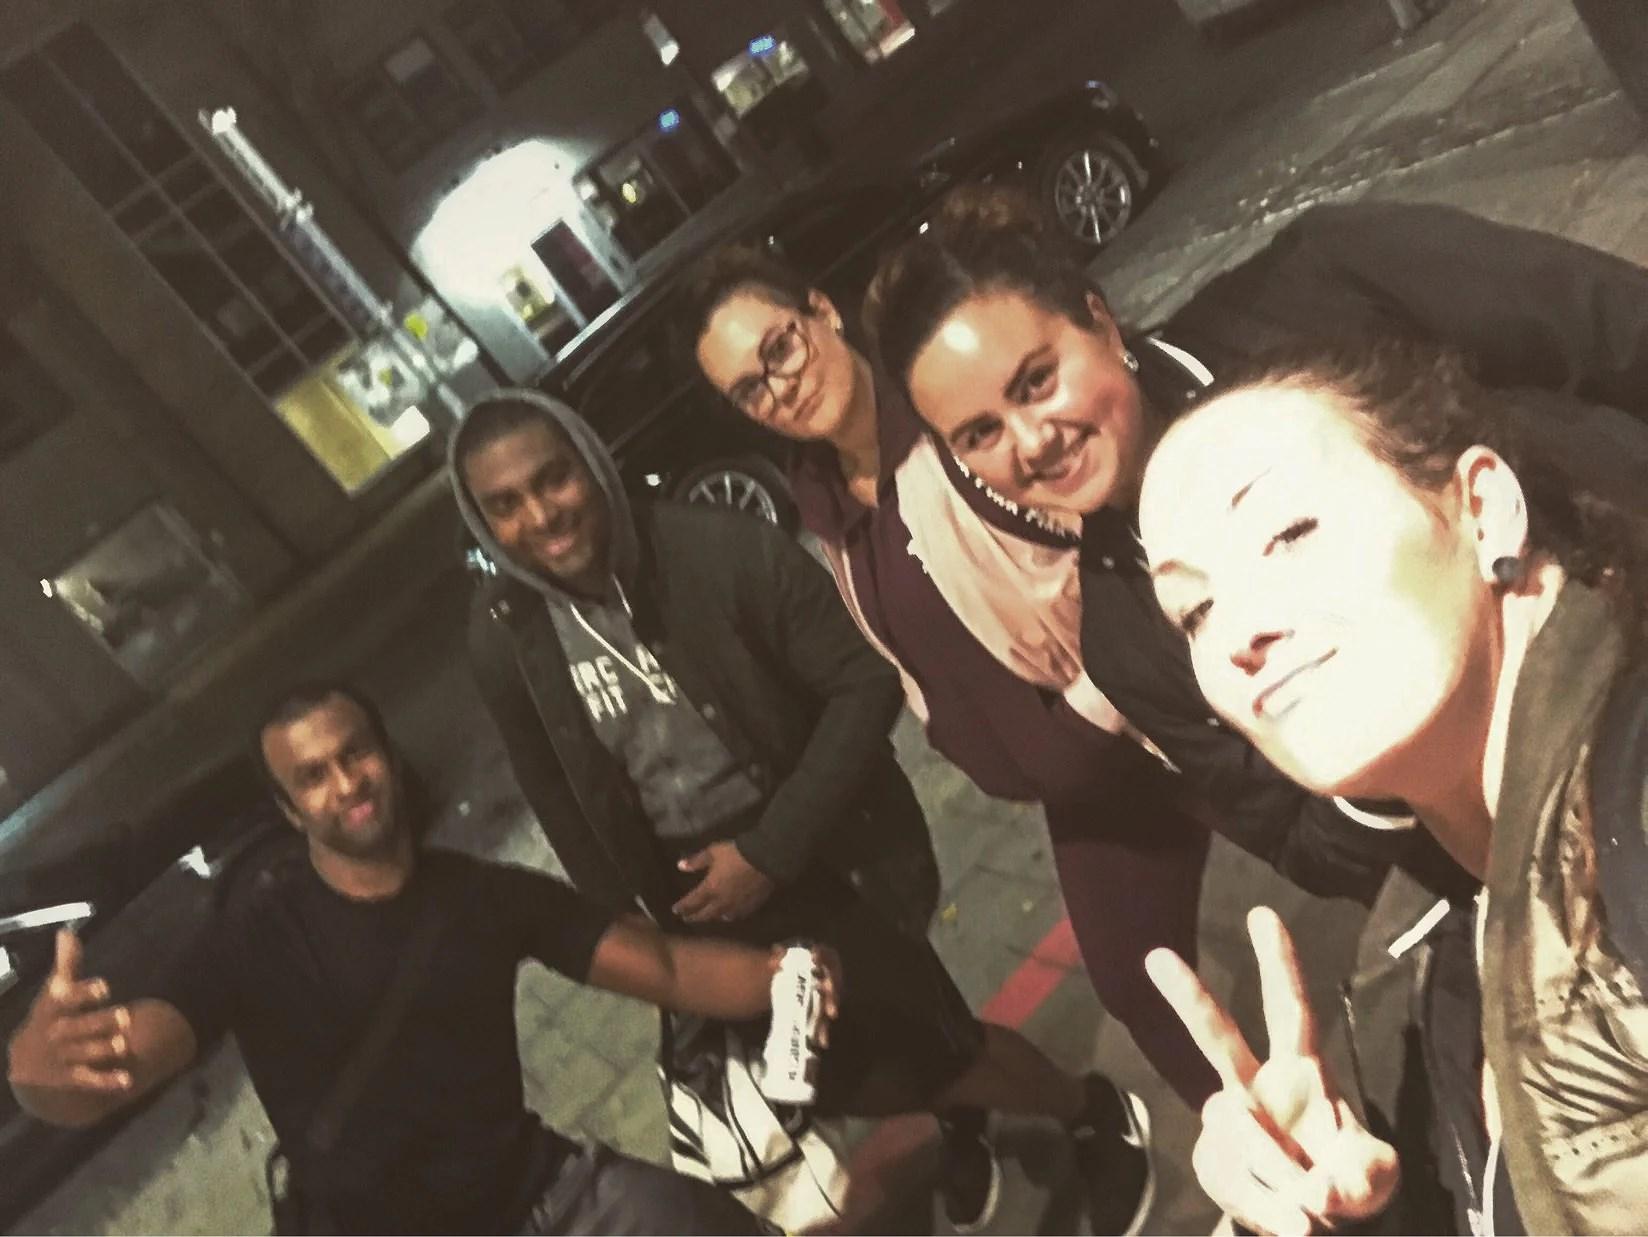 Tonight's crew